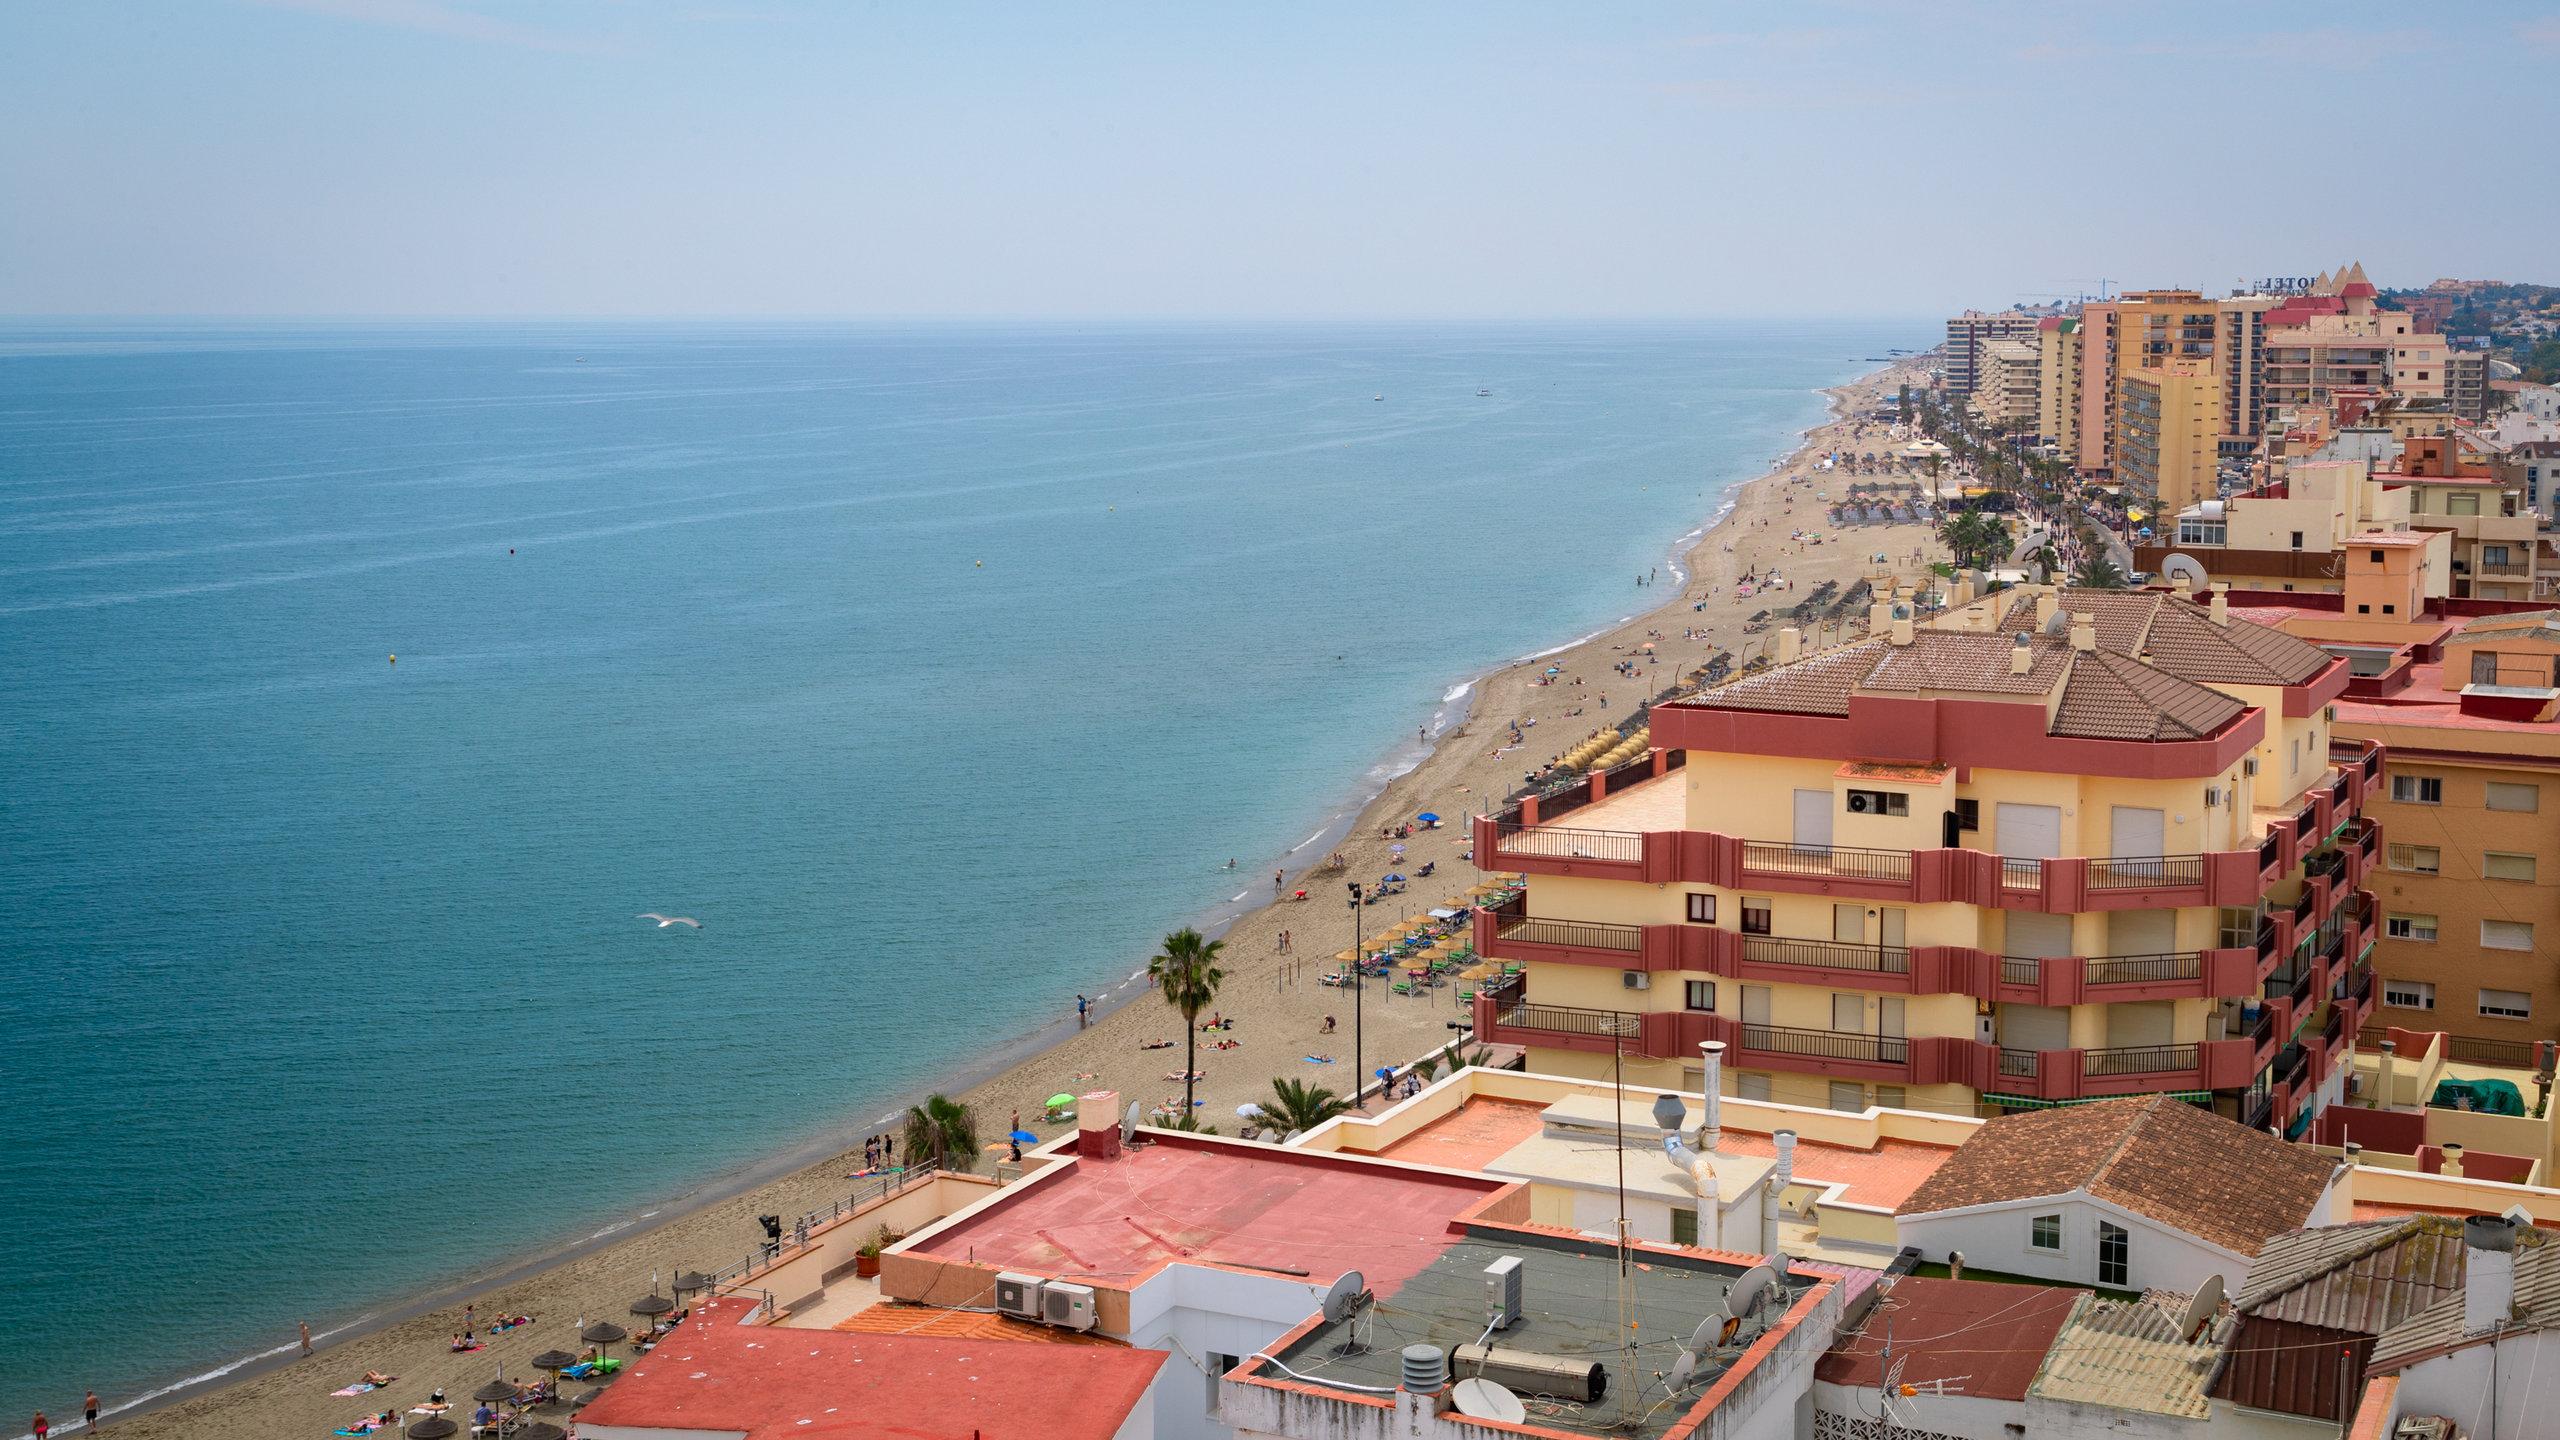 Playa de Fuengirola, Fuengirola, Andalucía, España